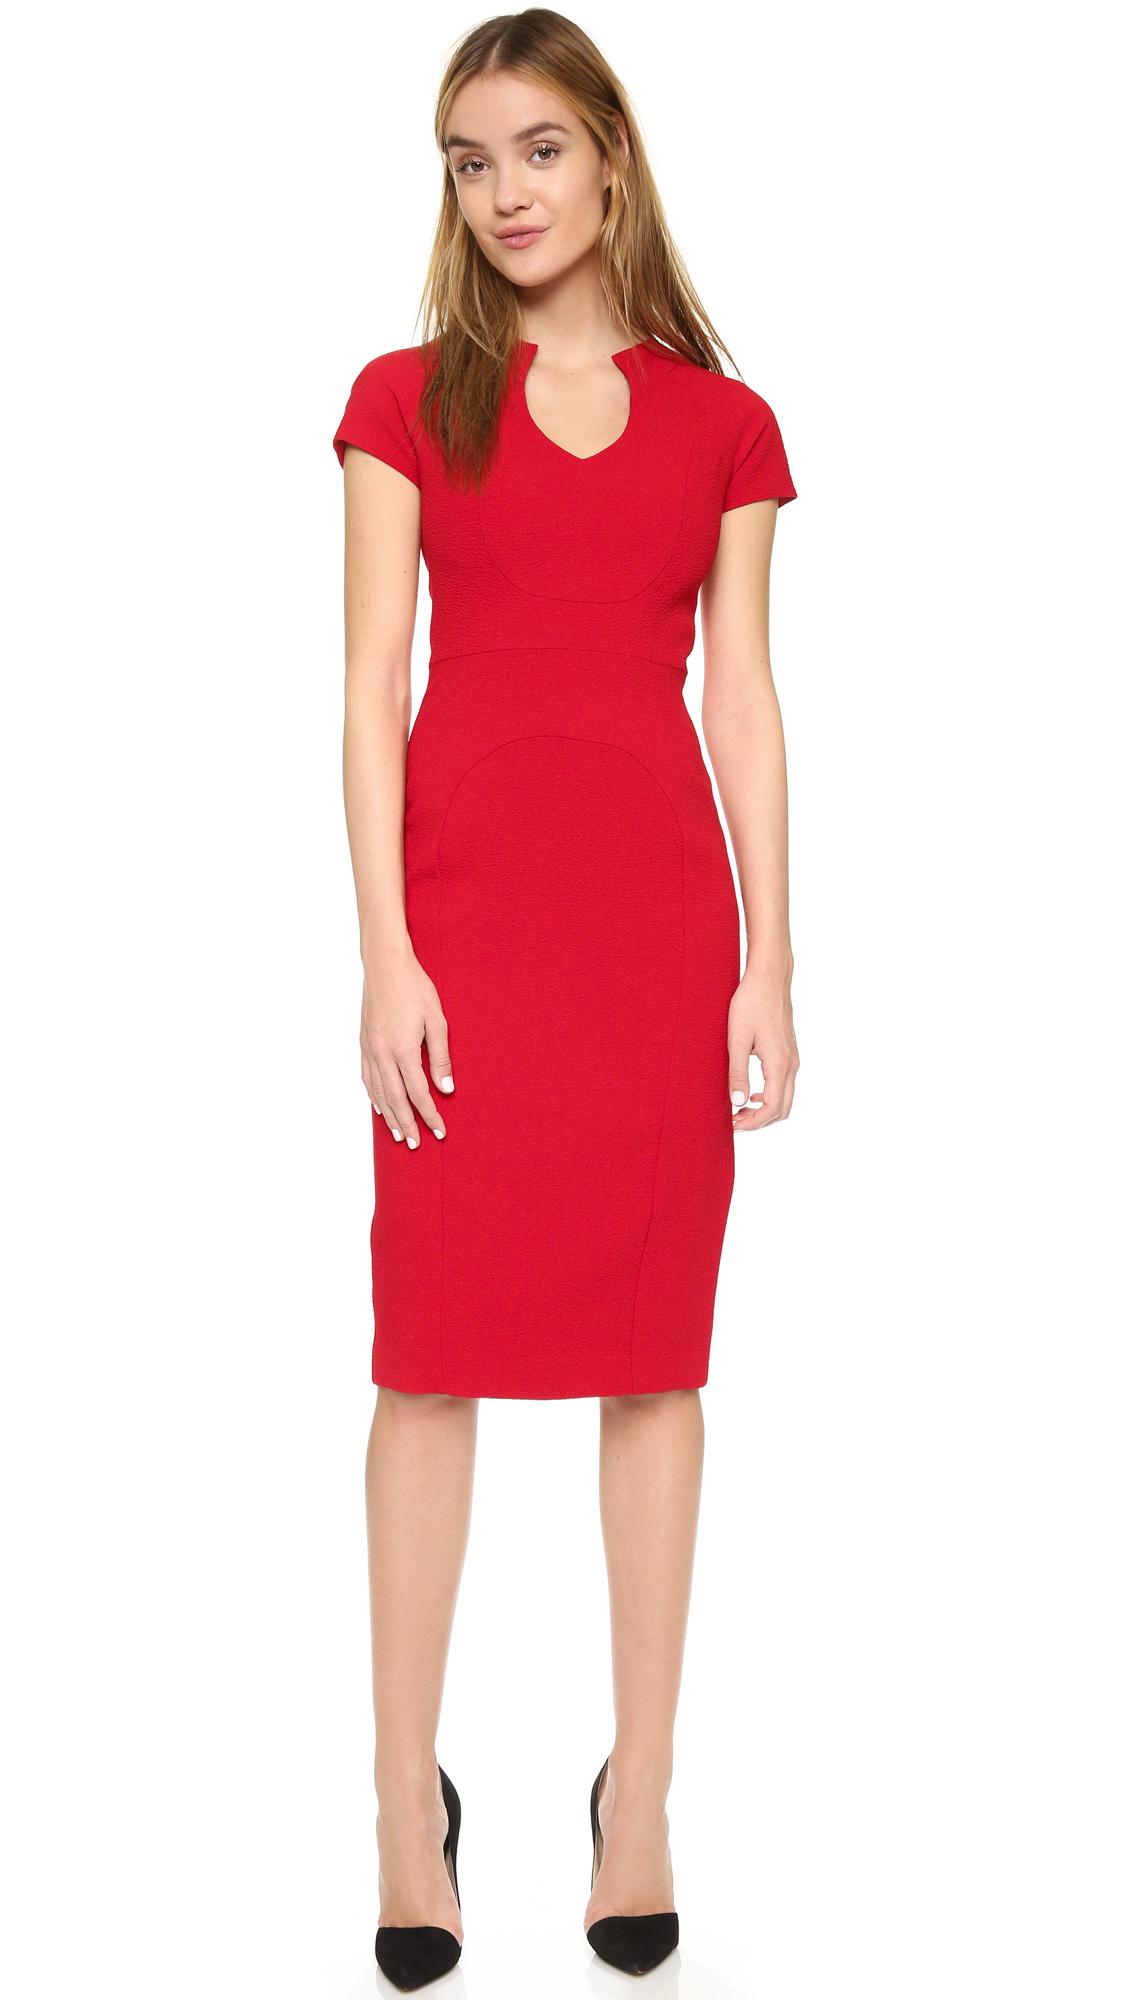 0c3b547a920 Black Halo Gypsy Rose Sheath Dress in Red - Lyst